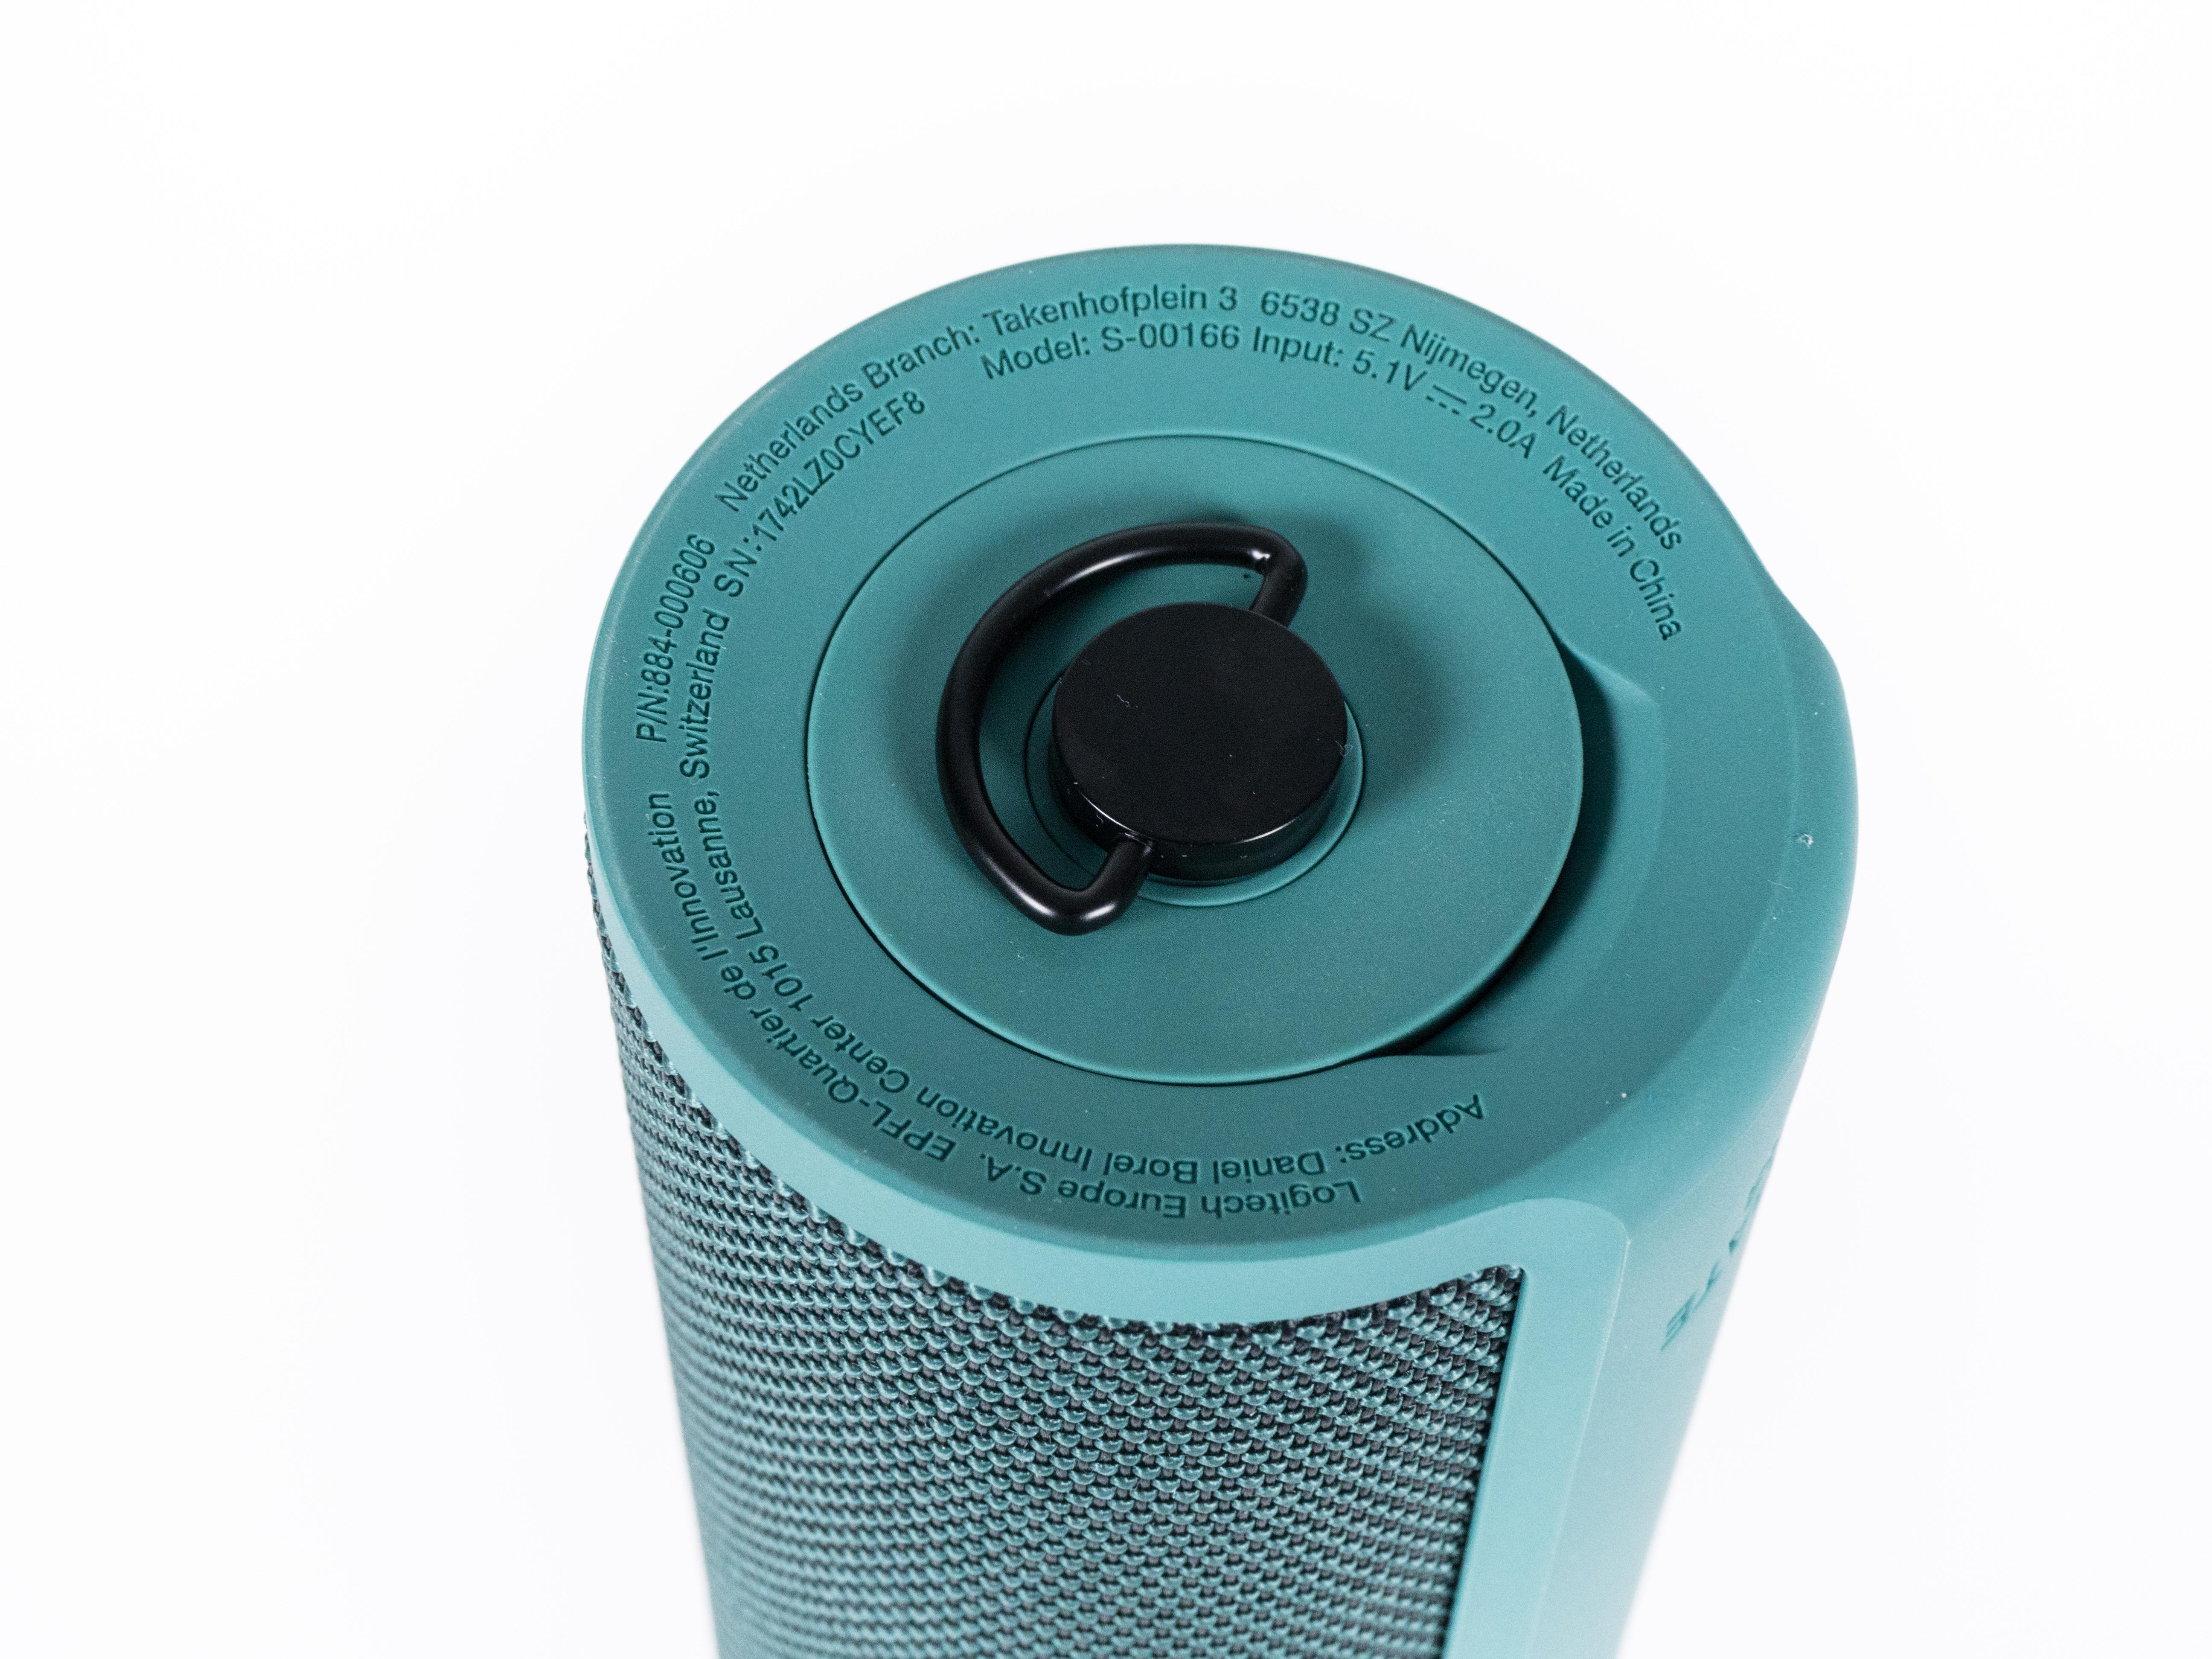 Alexa-Geräte und ihre Konkurrenz im Test: Der perfekte smarte Lautsprecher ist nicht dabei - Die Unterseite des Blast (Bild: Martin Wolf/Golem.de)